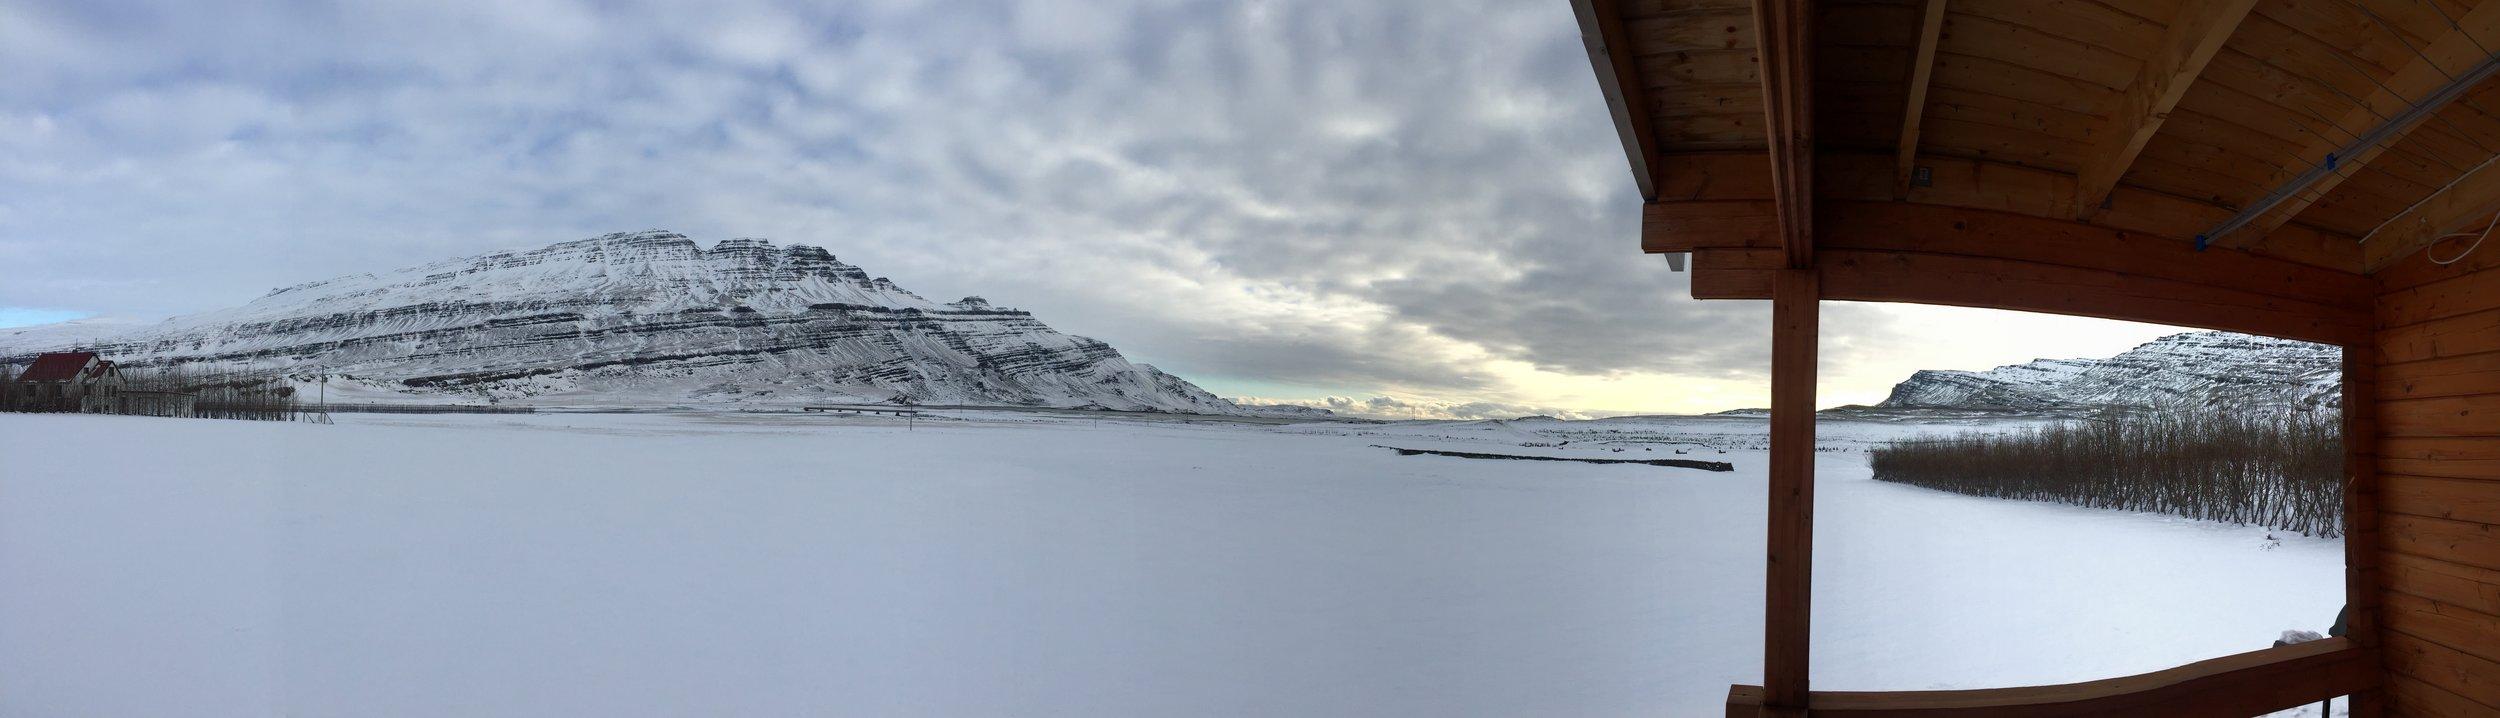 Morning snow at Bragðavellir Cottage